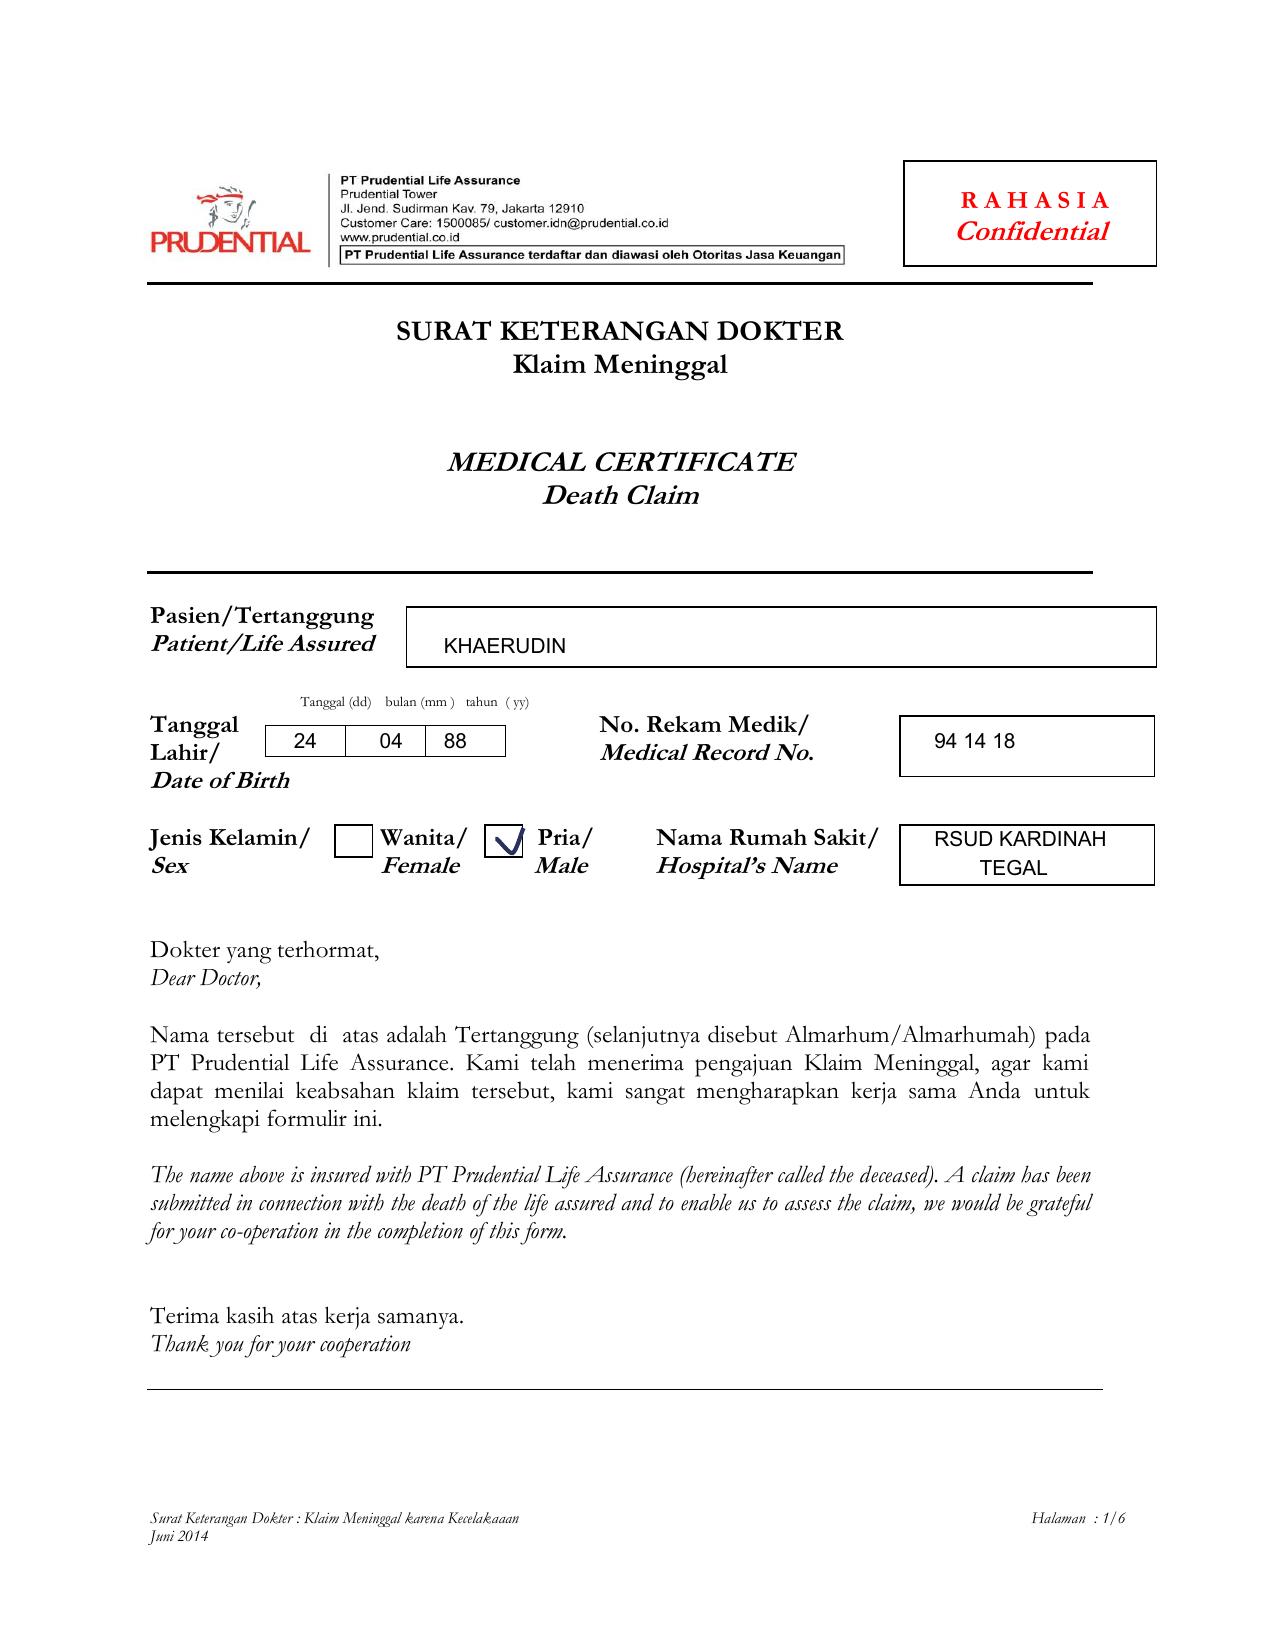 Contoh Surat Keterangan Kematian Dari Dokter - Kumpulan ...